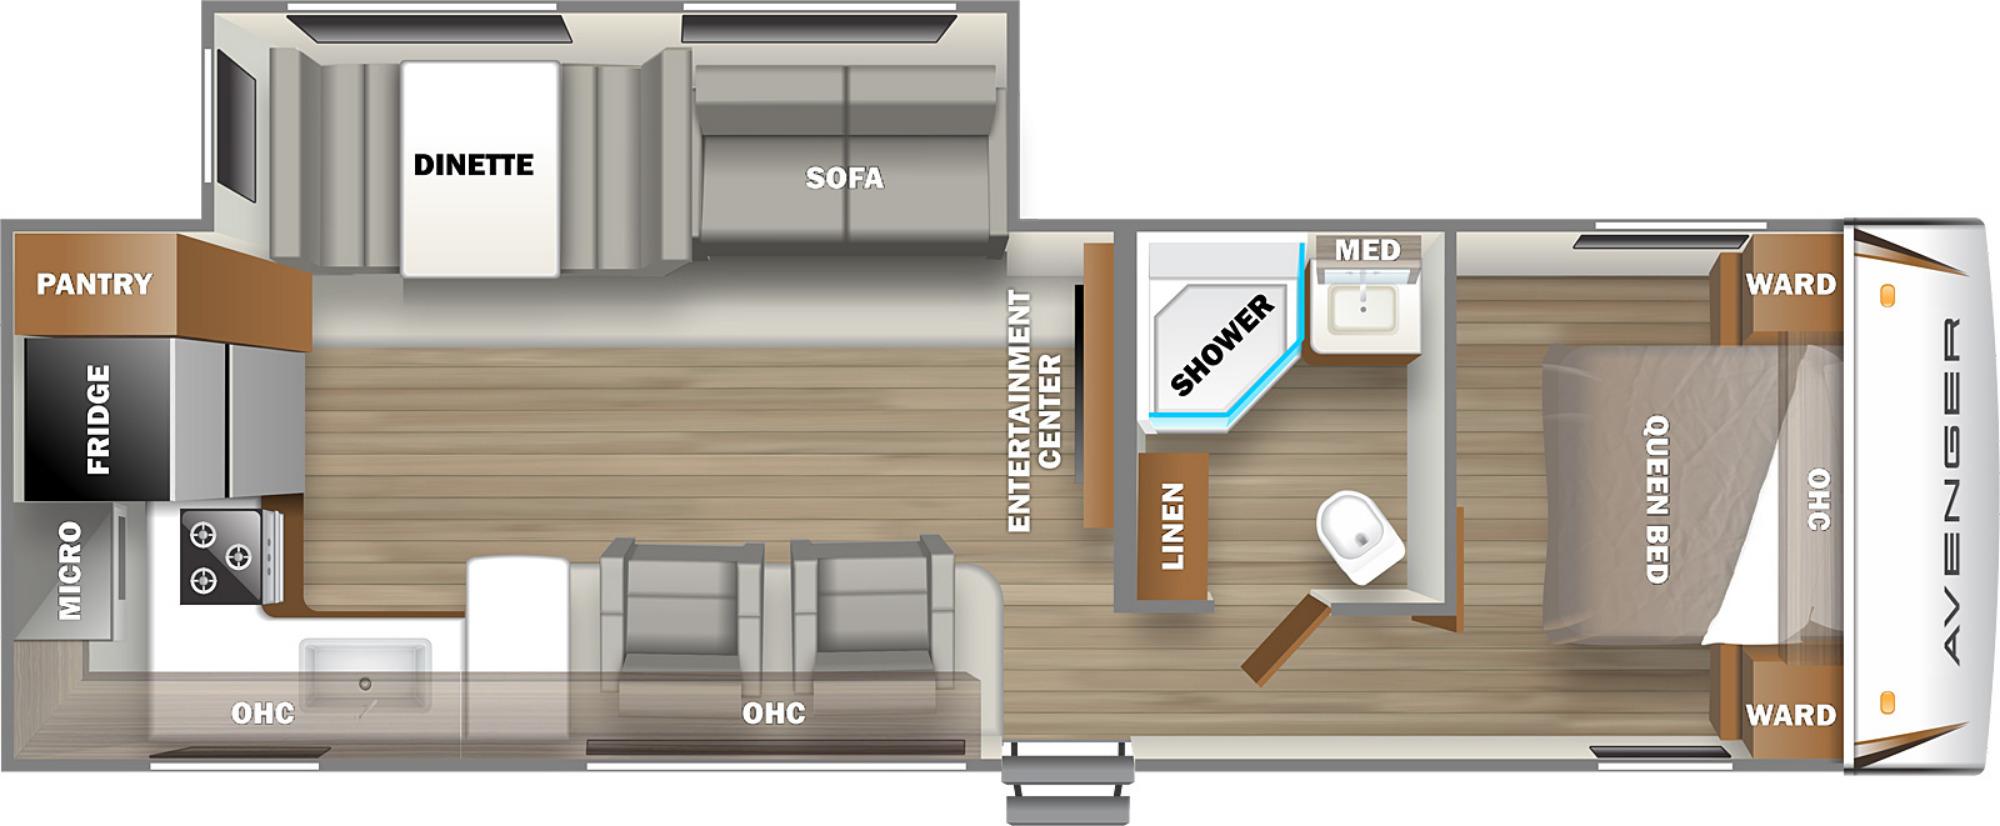 View Floor Plan for 2022 PRIME TIME AVENGER 27RKS